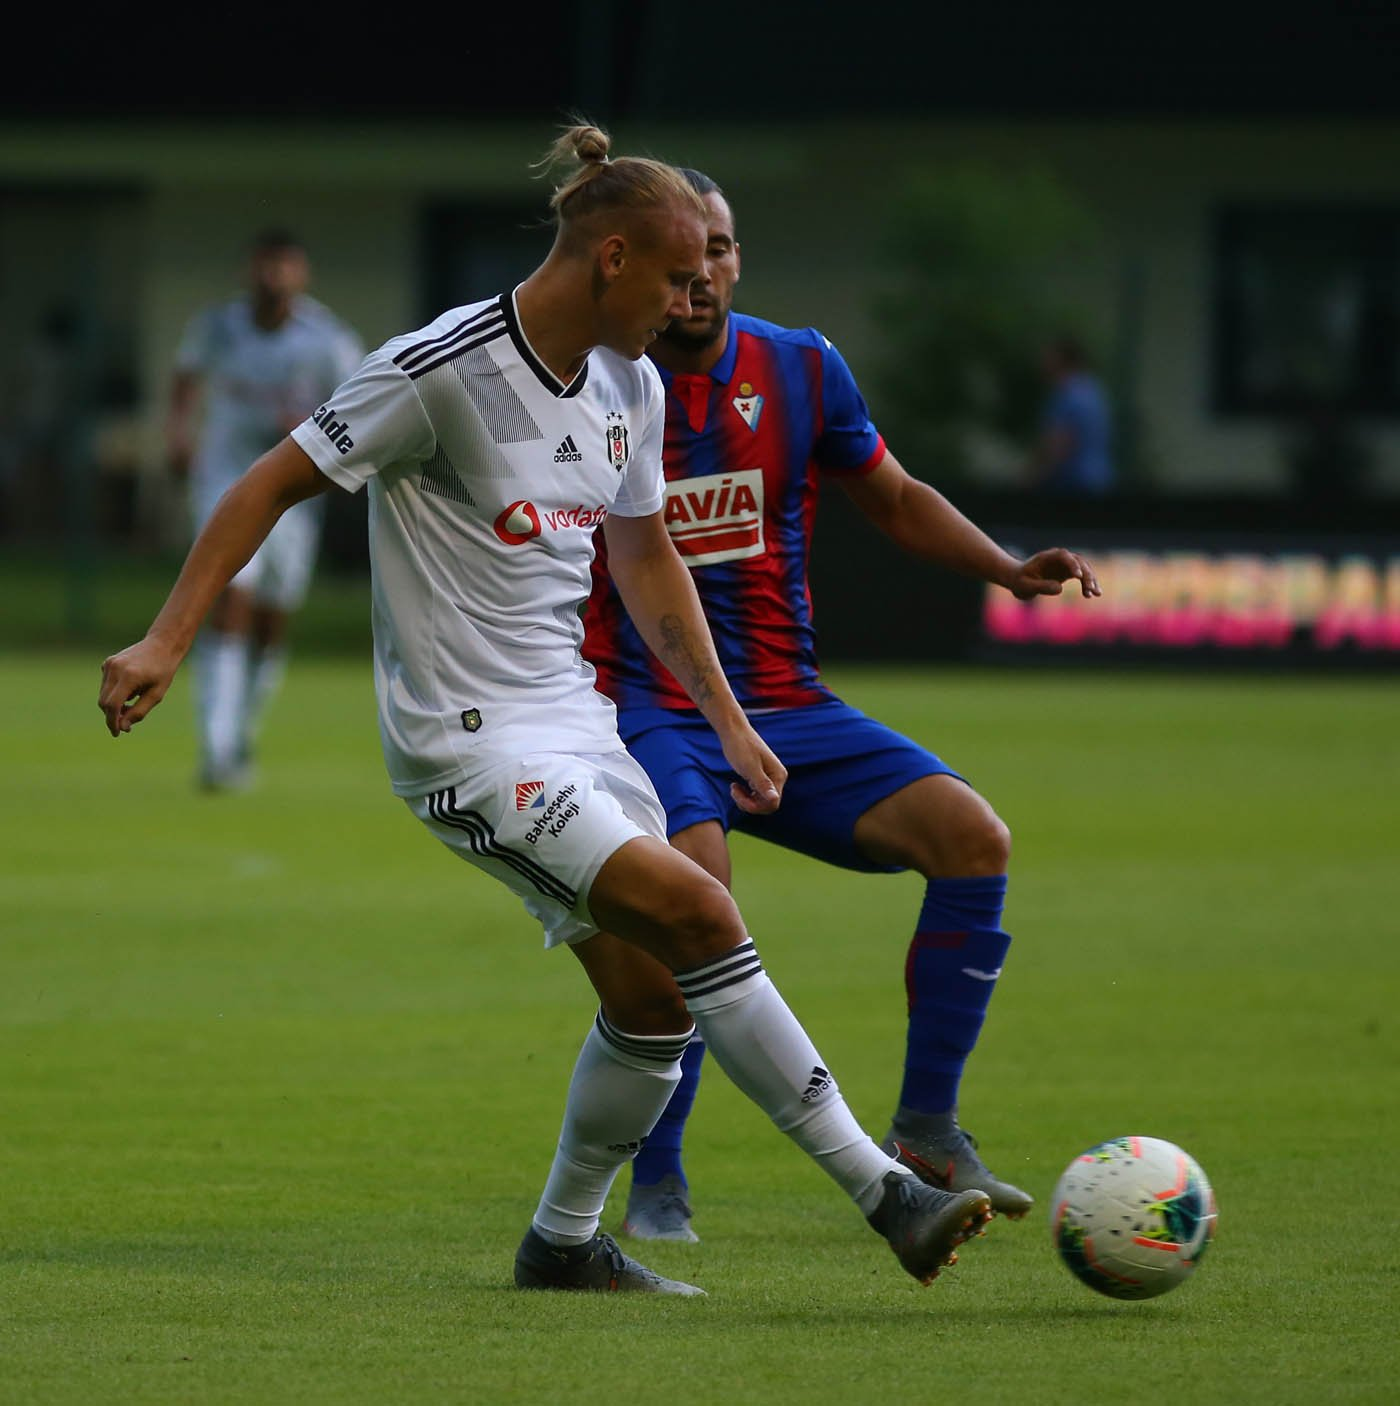 Quique González disputa el balón ante un jugador del Besiktas (Foto: Besiktas).